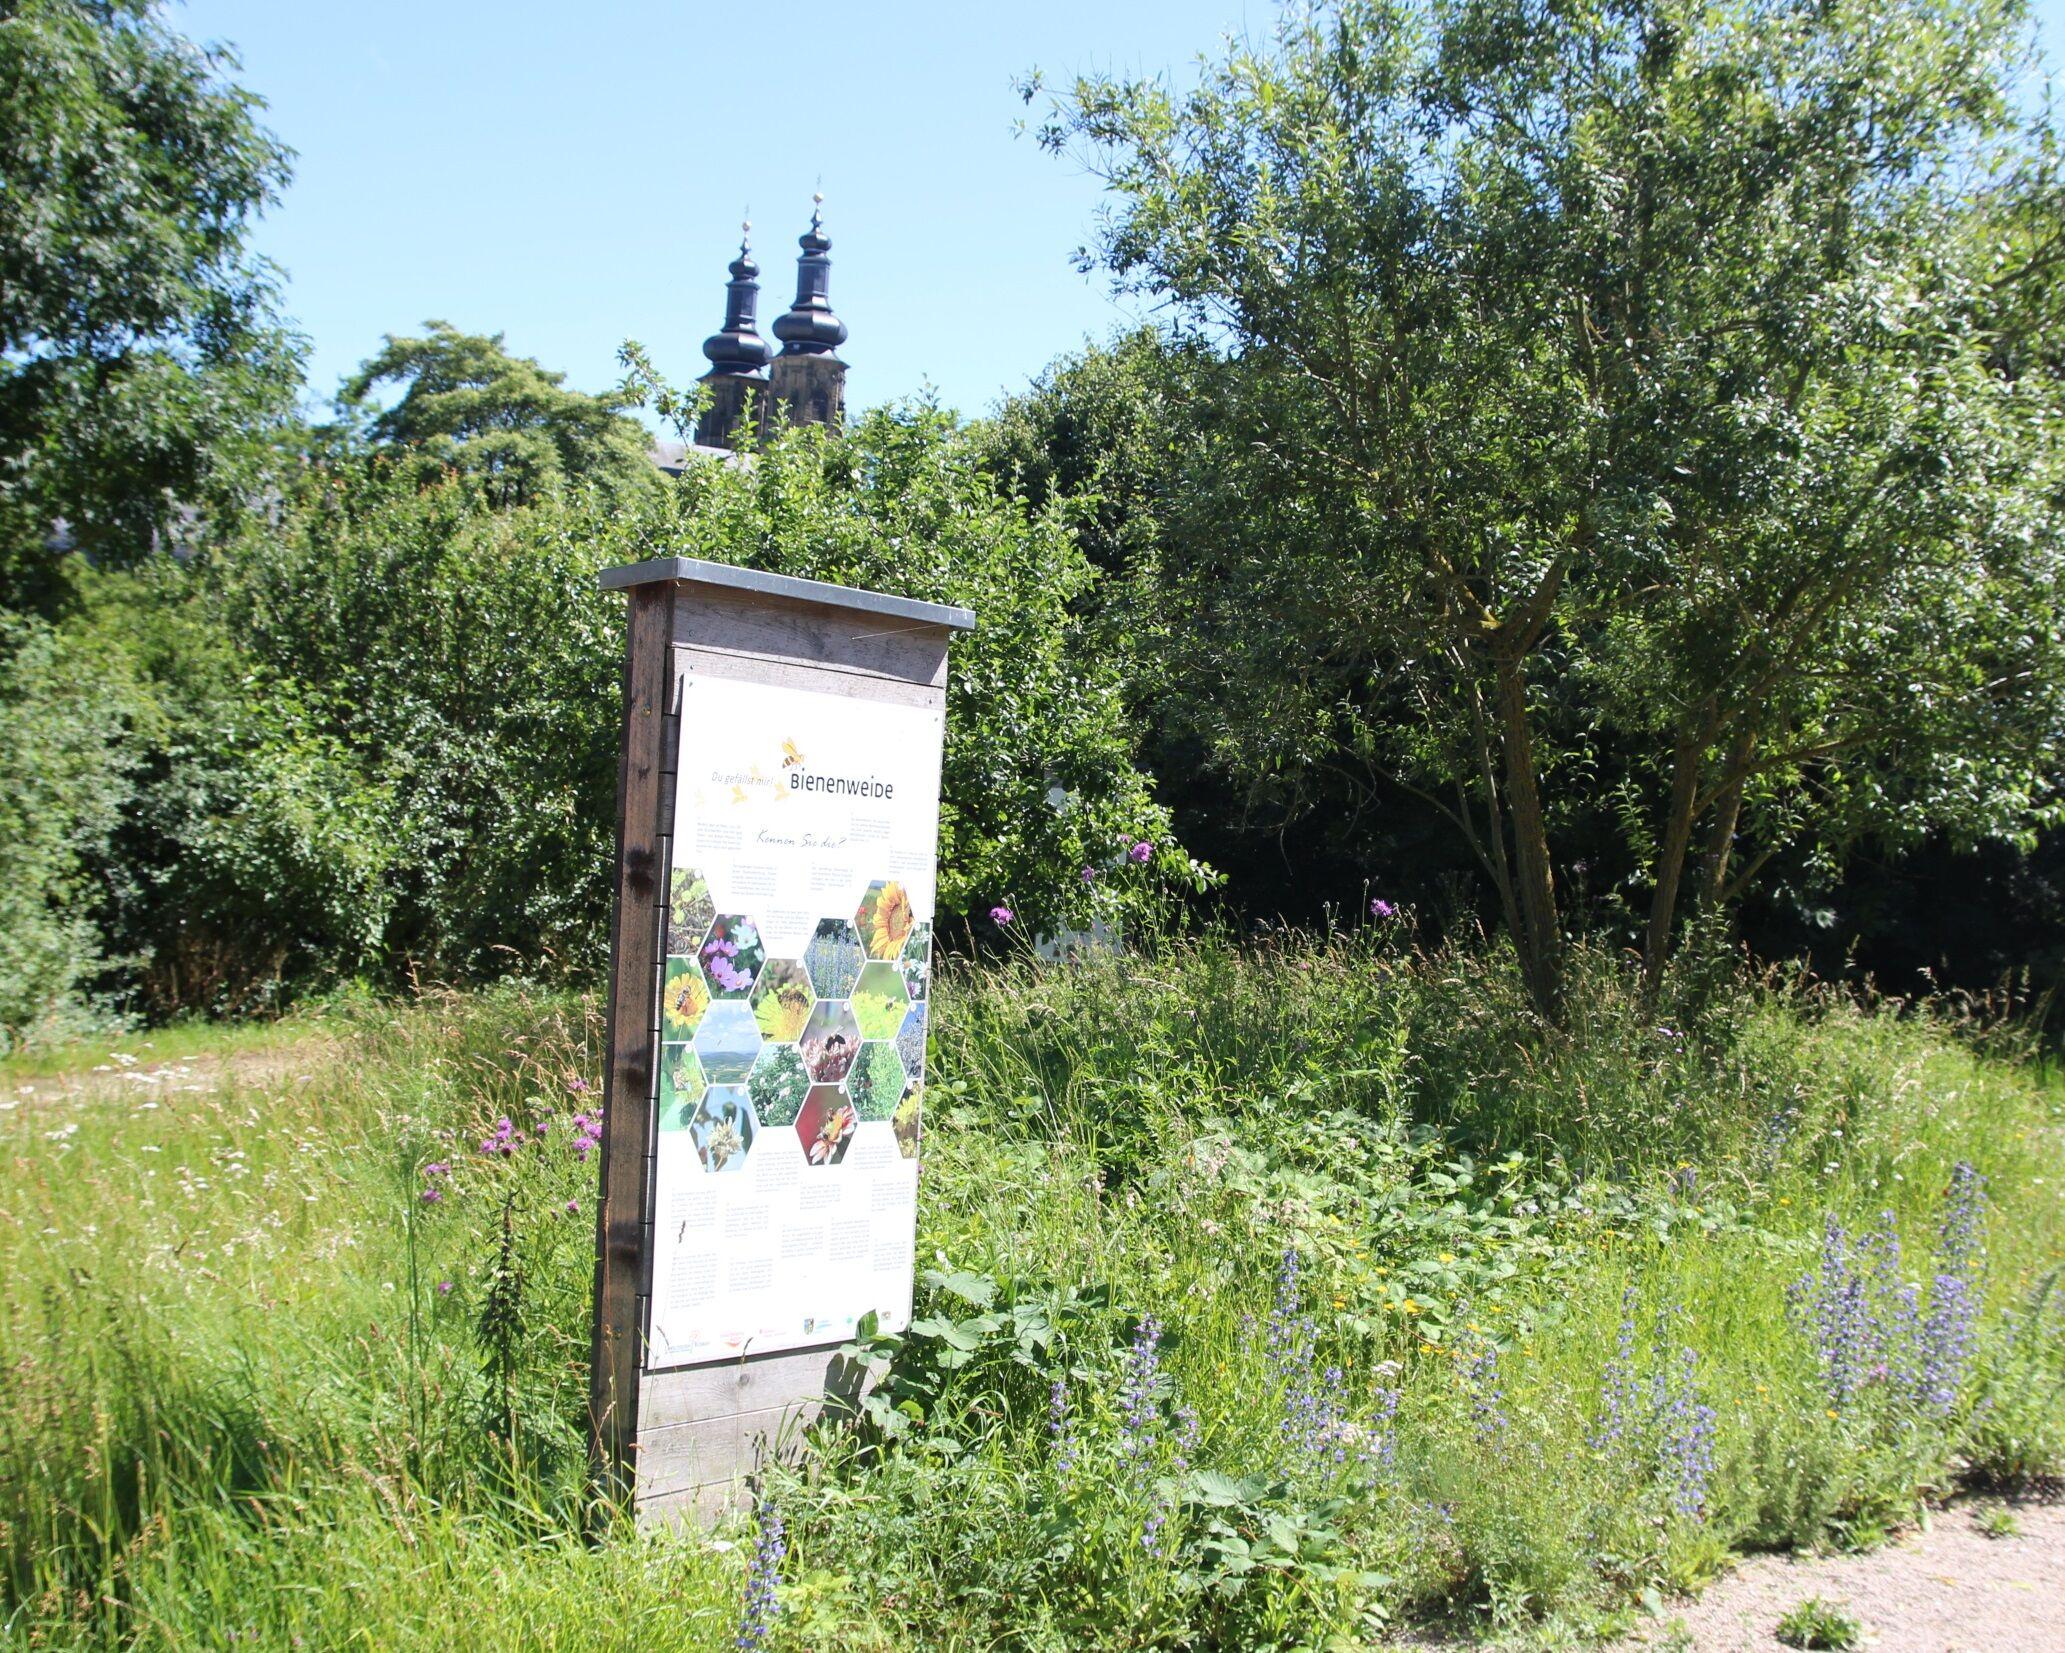 Einblick ins Bienenvolk gibt es bei der Führung am Schaubienenstand in Kloster Banz. (Foto: Umweltstation Weismain)